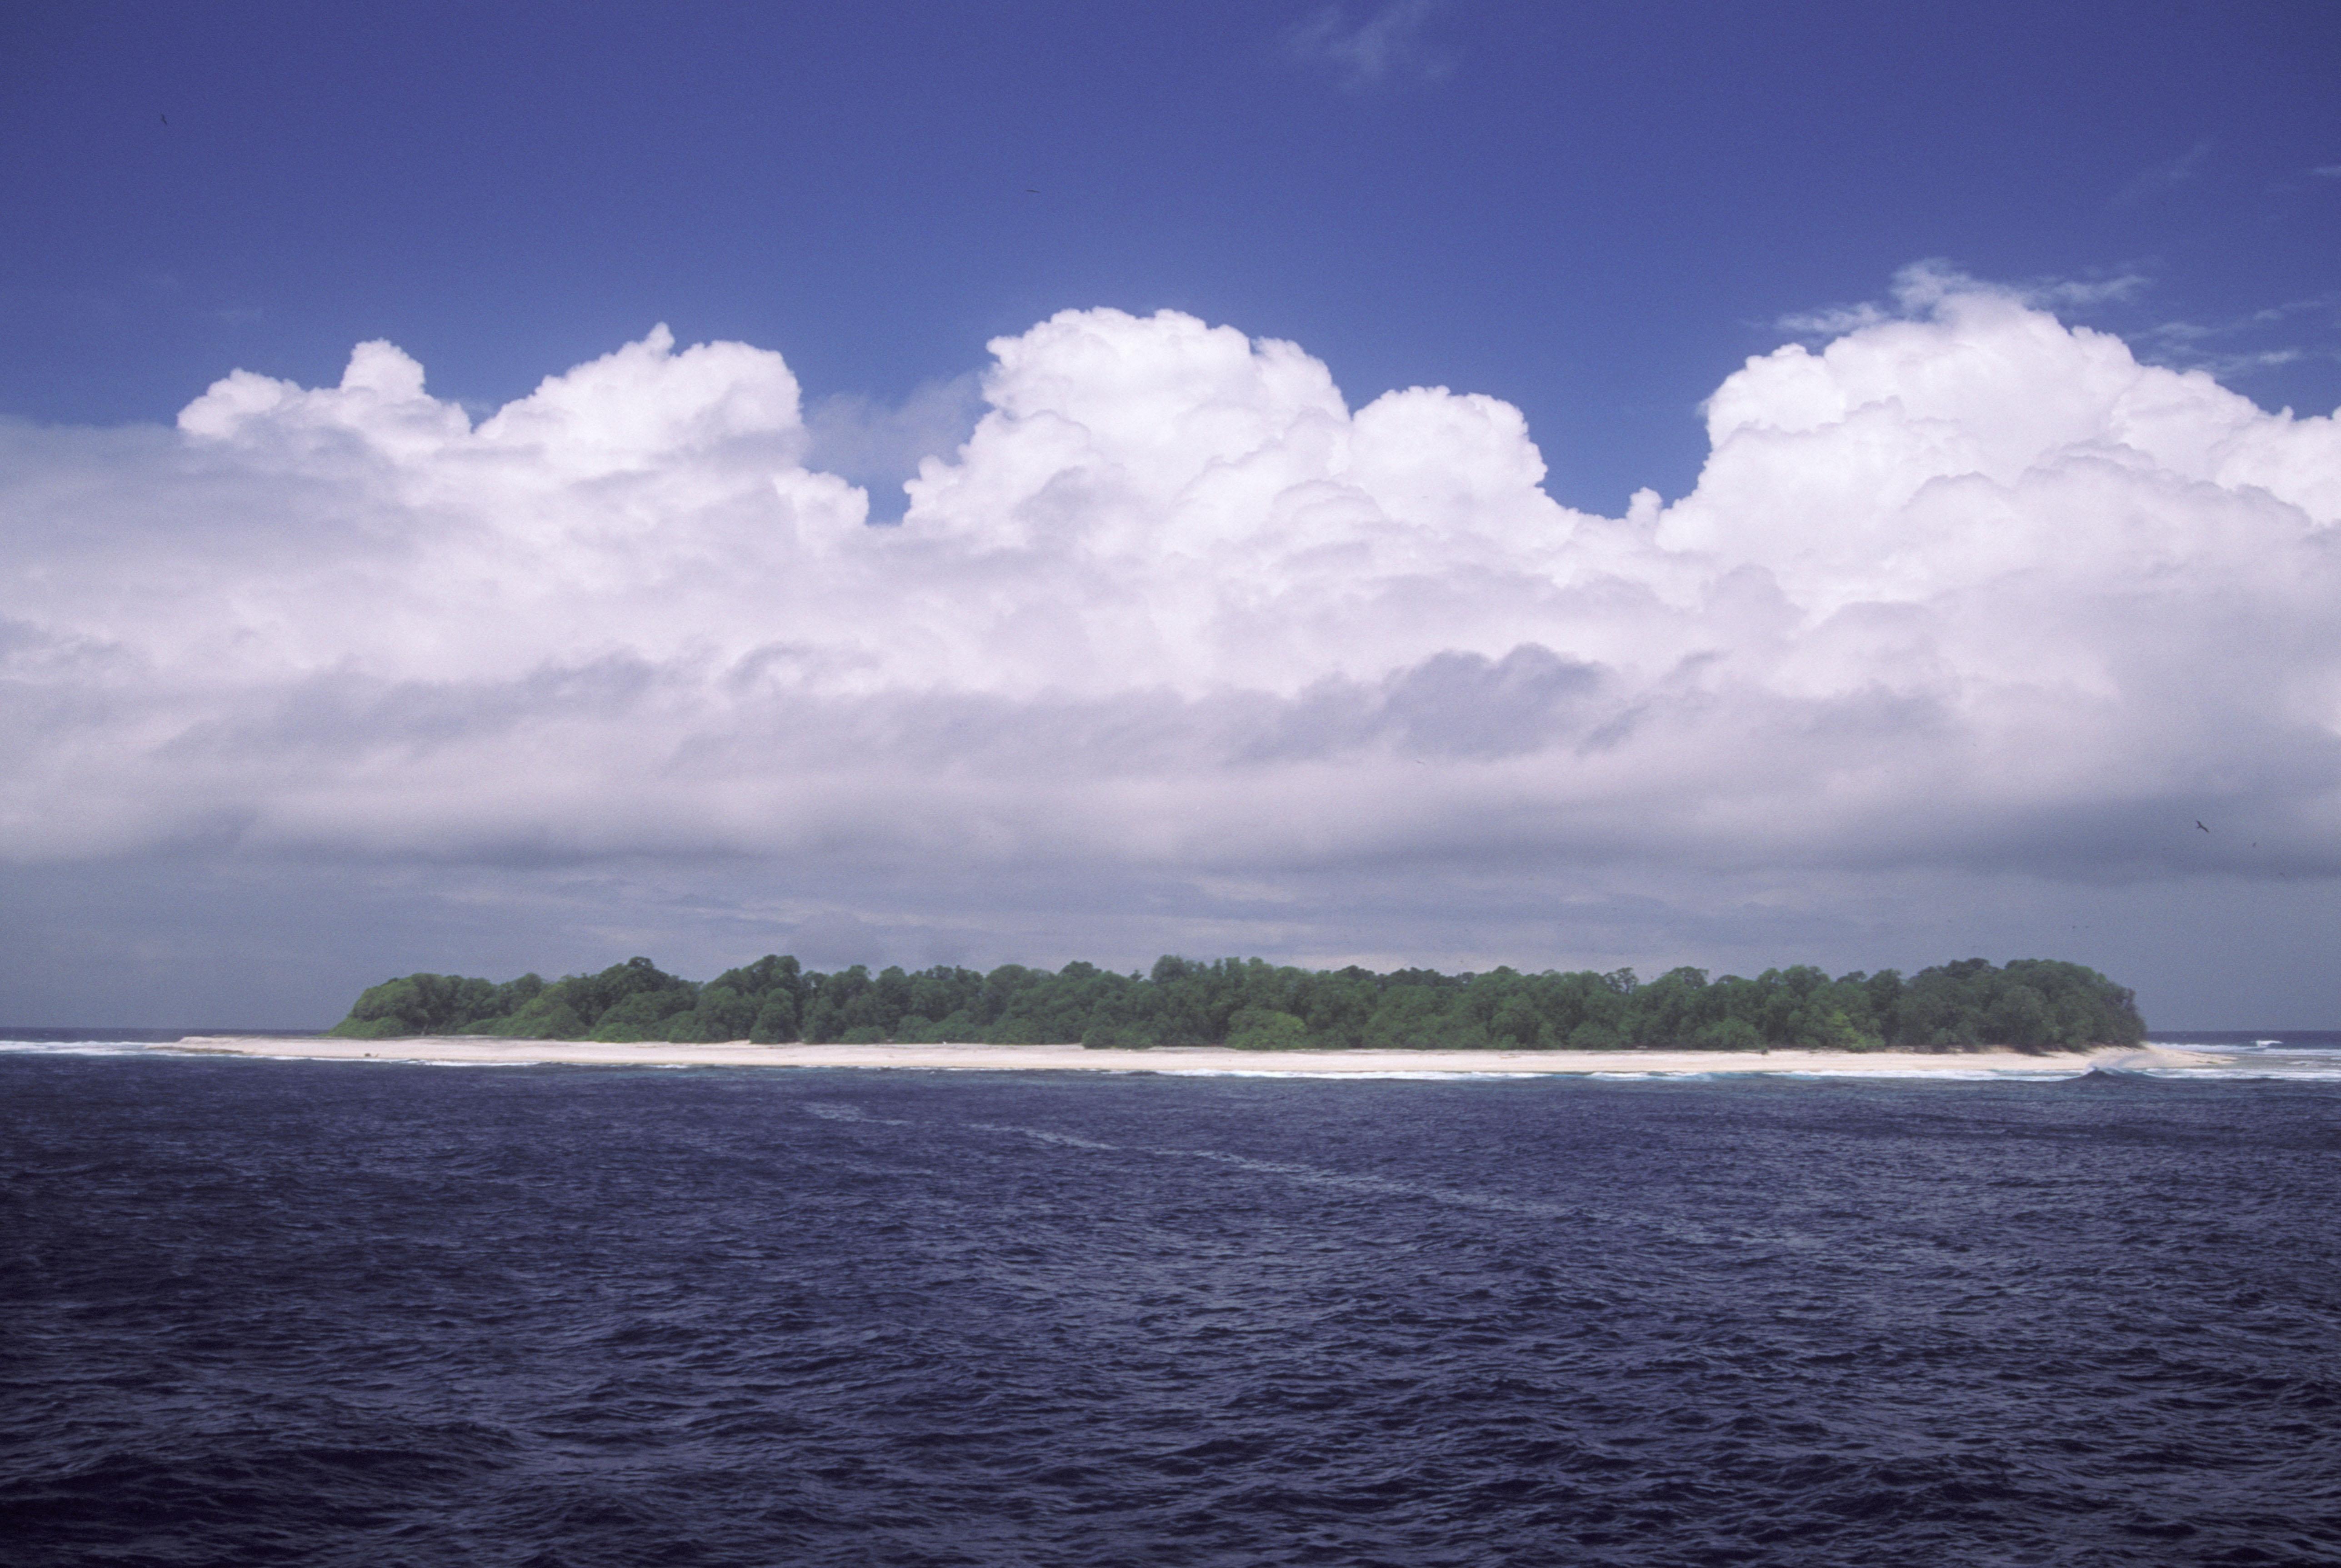 Βοστόκ Νήσος